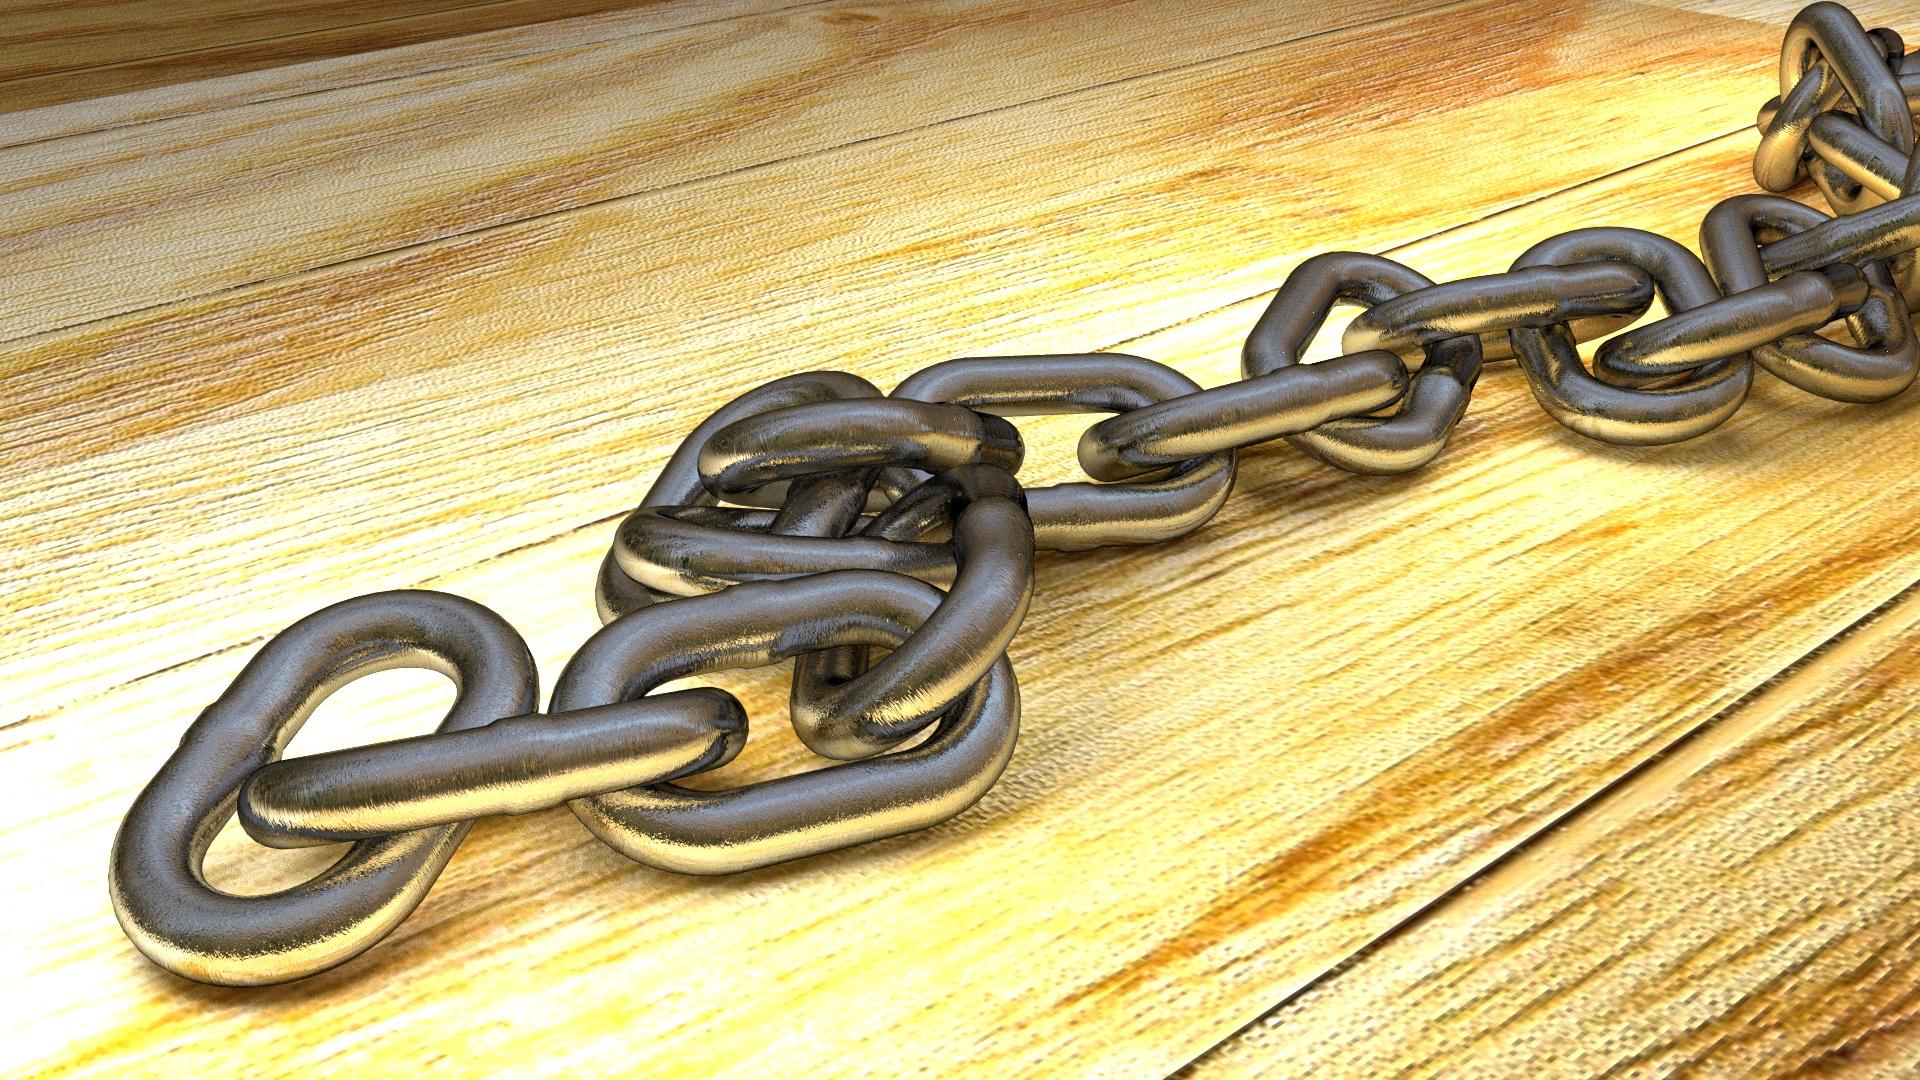 Realistic Chain